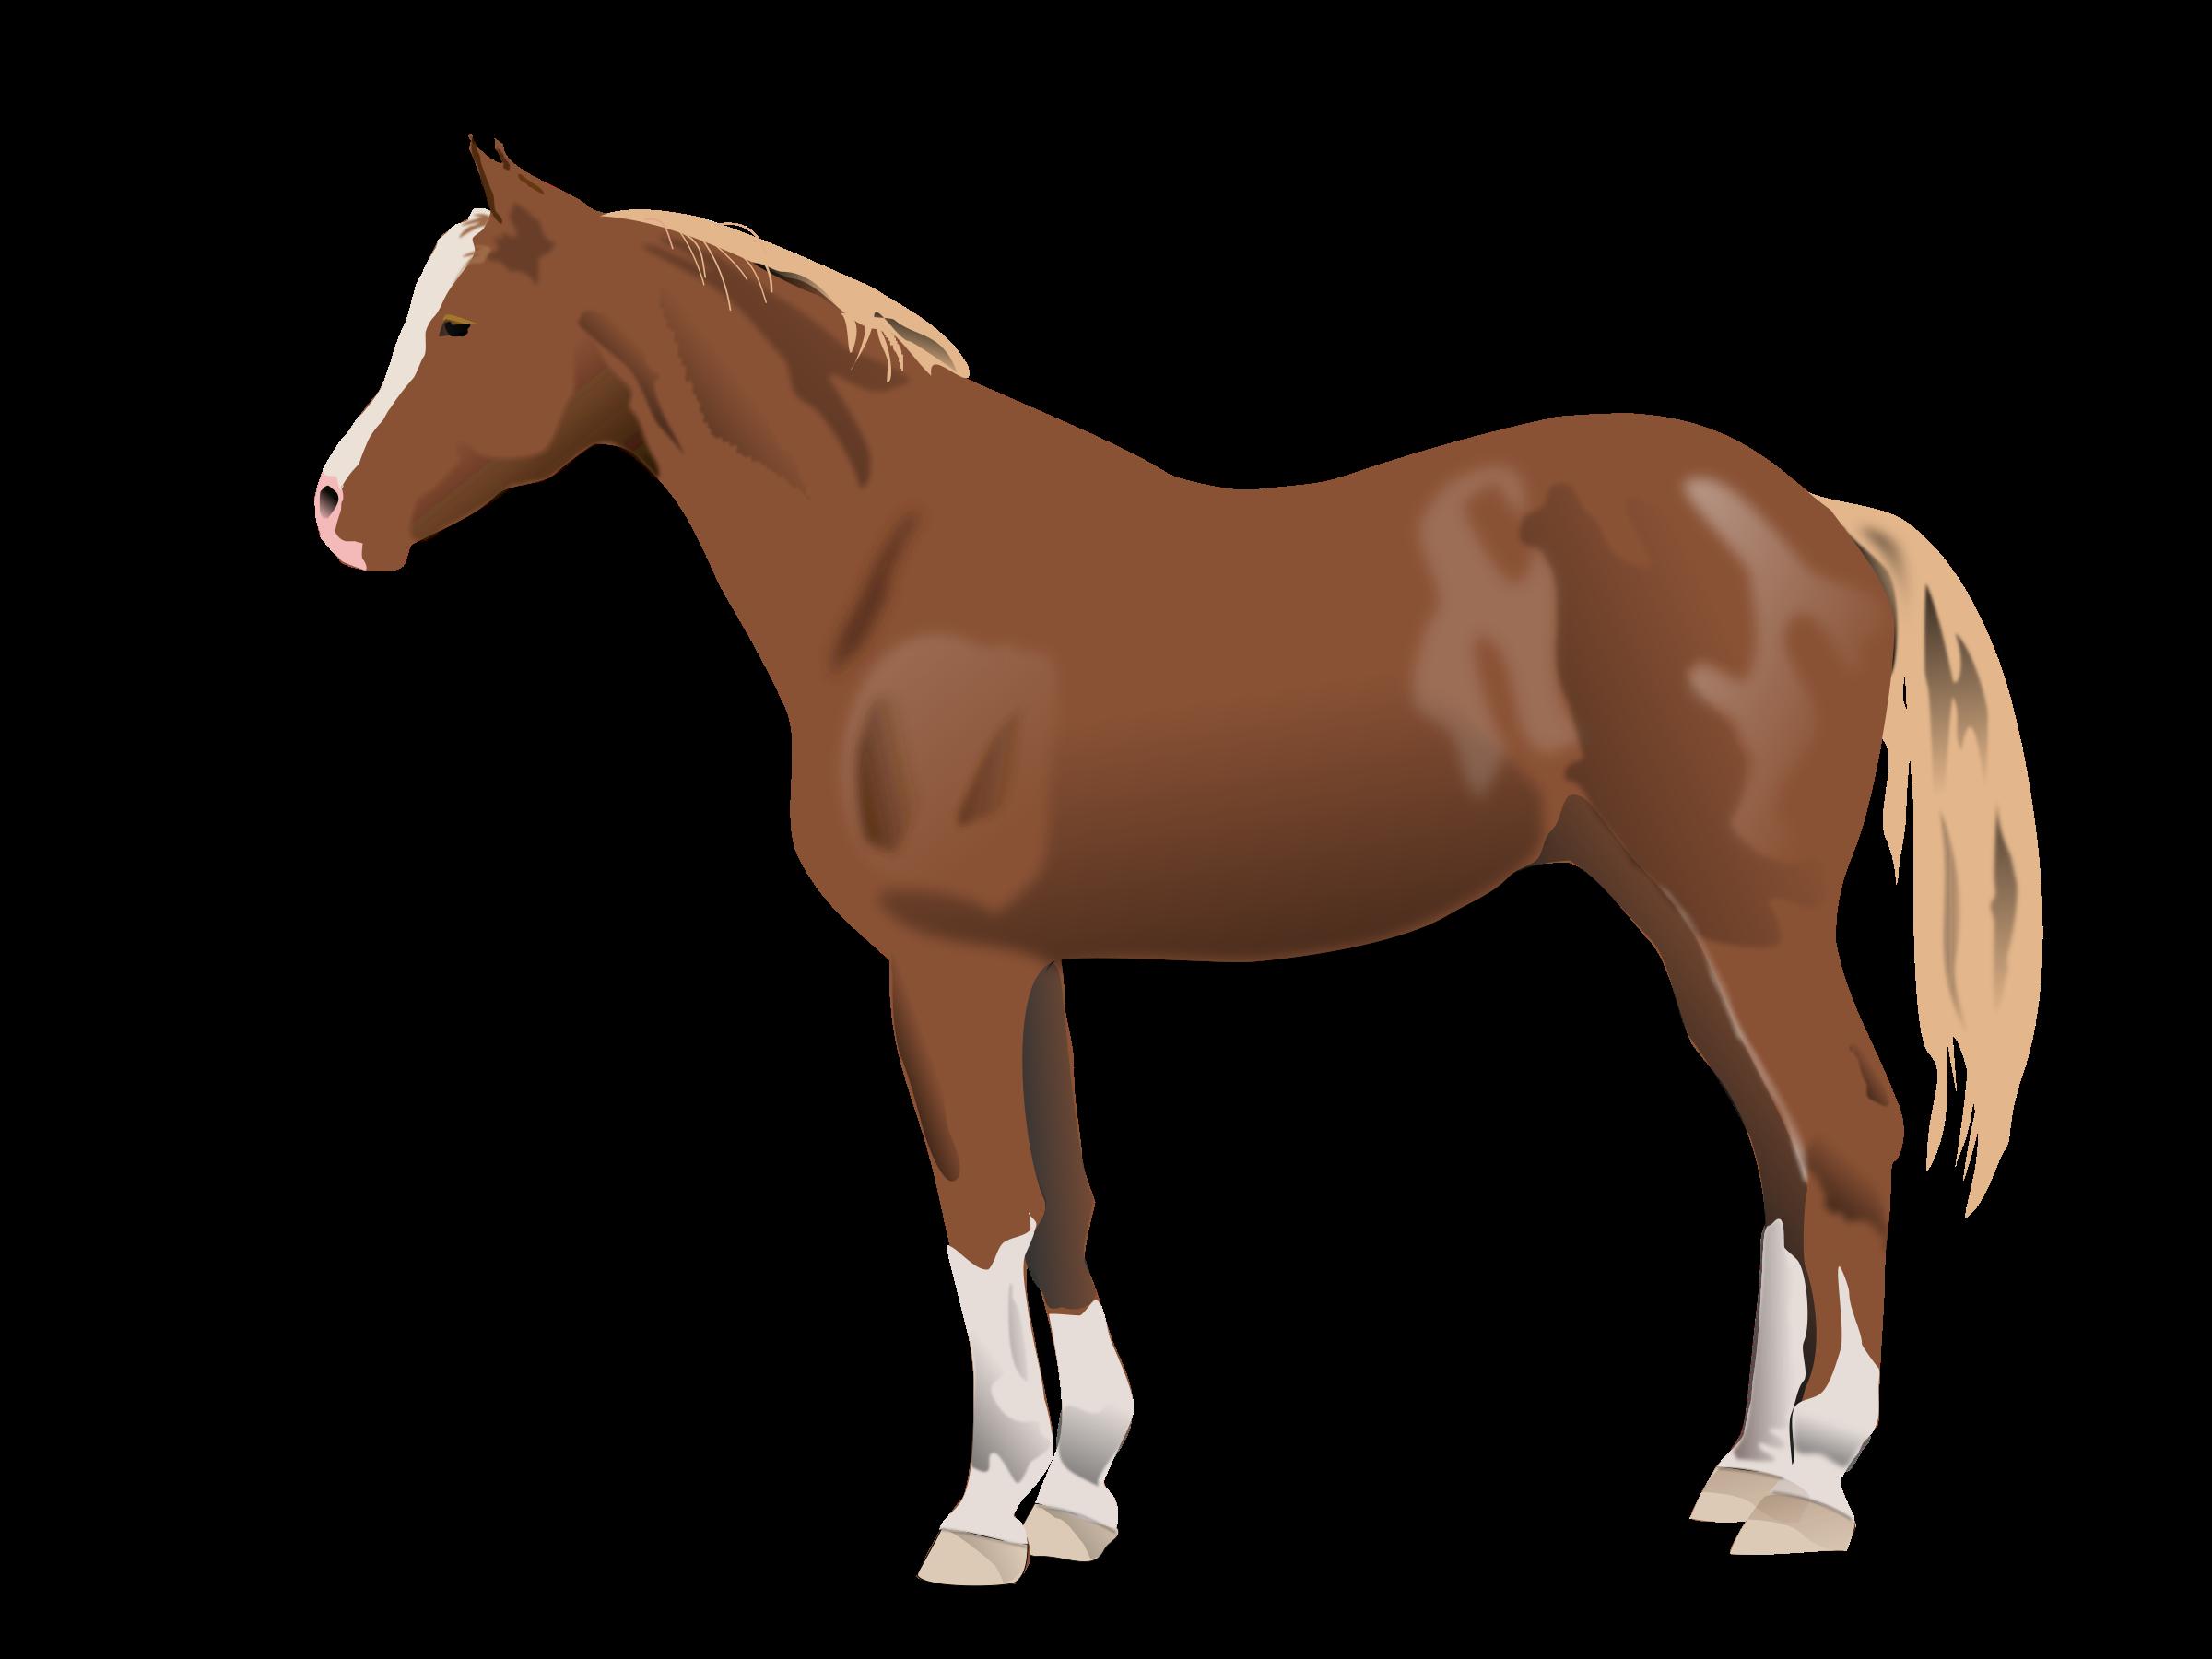 . Clipart horse farm animal